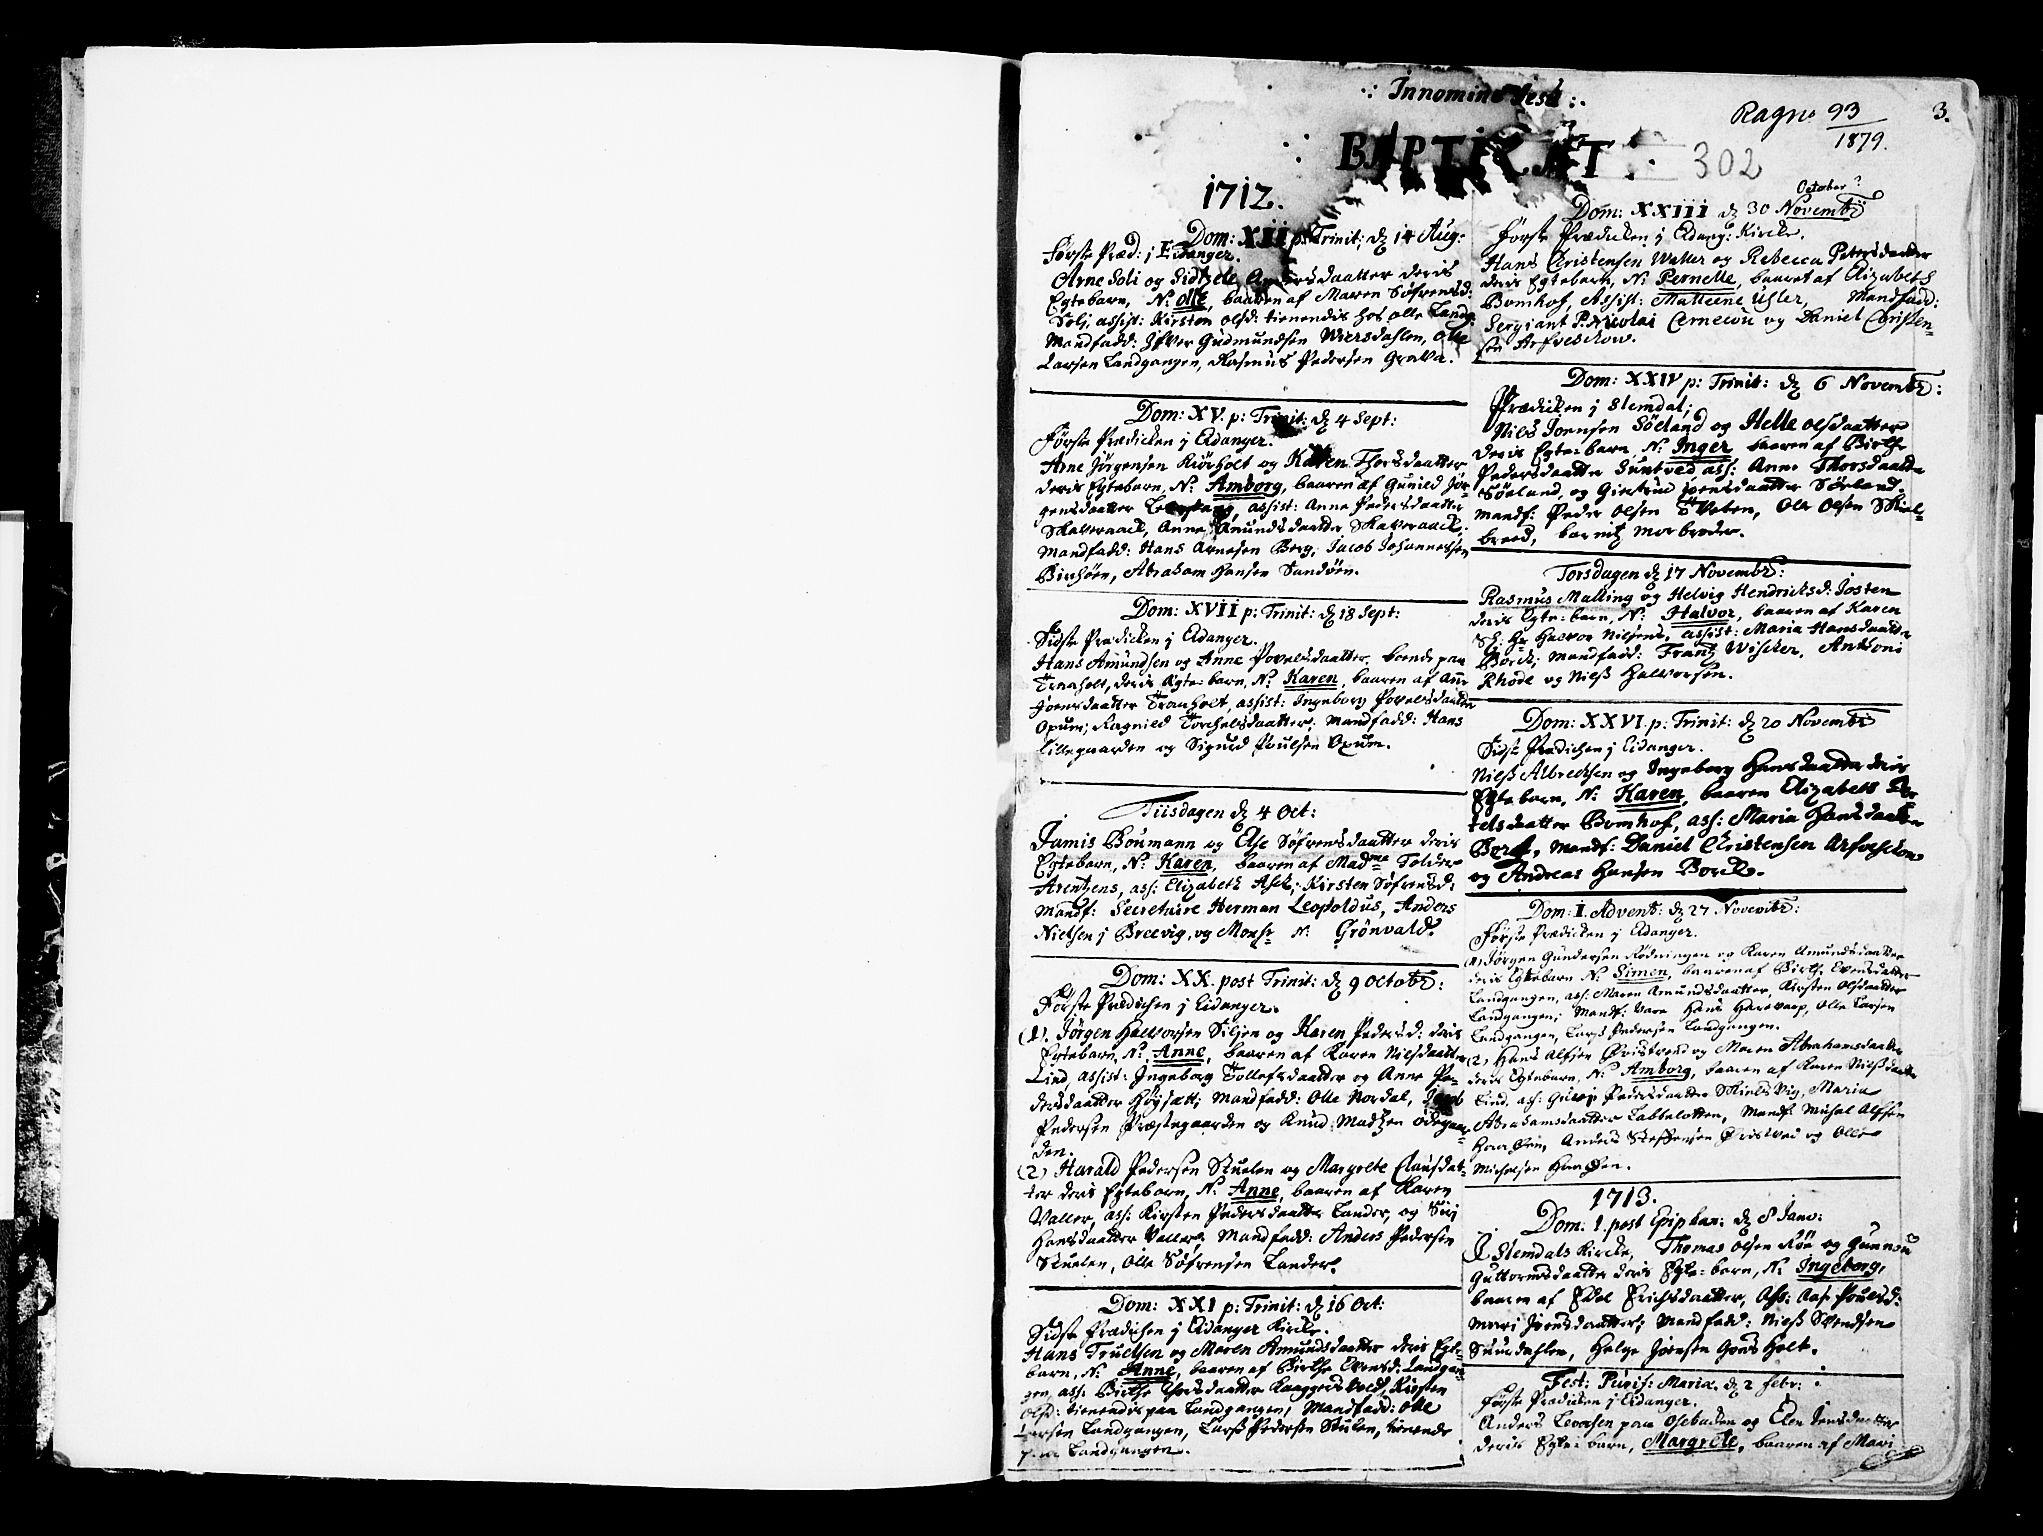 SAKO, Eidanger kirkebøker, F/Fa/L0002: Ministerialbok nr. 2, 1712-1720, s. 2-3